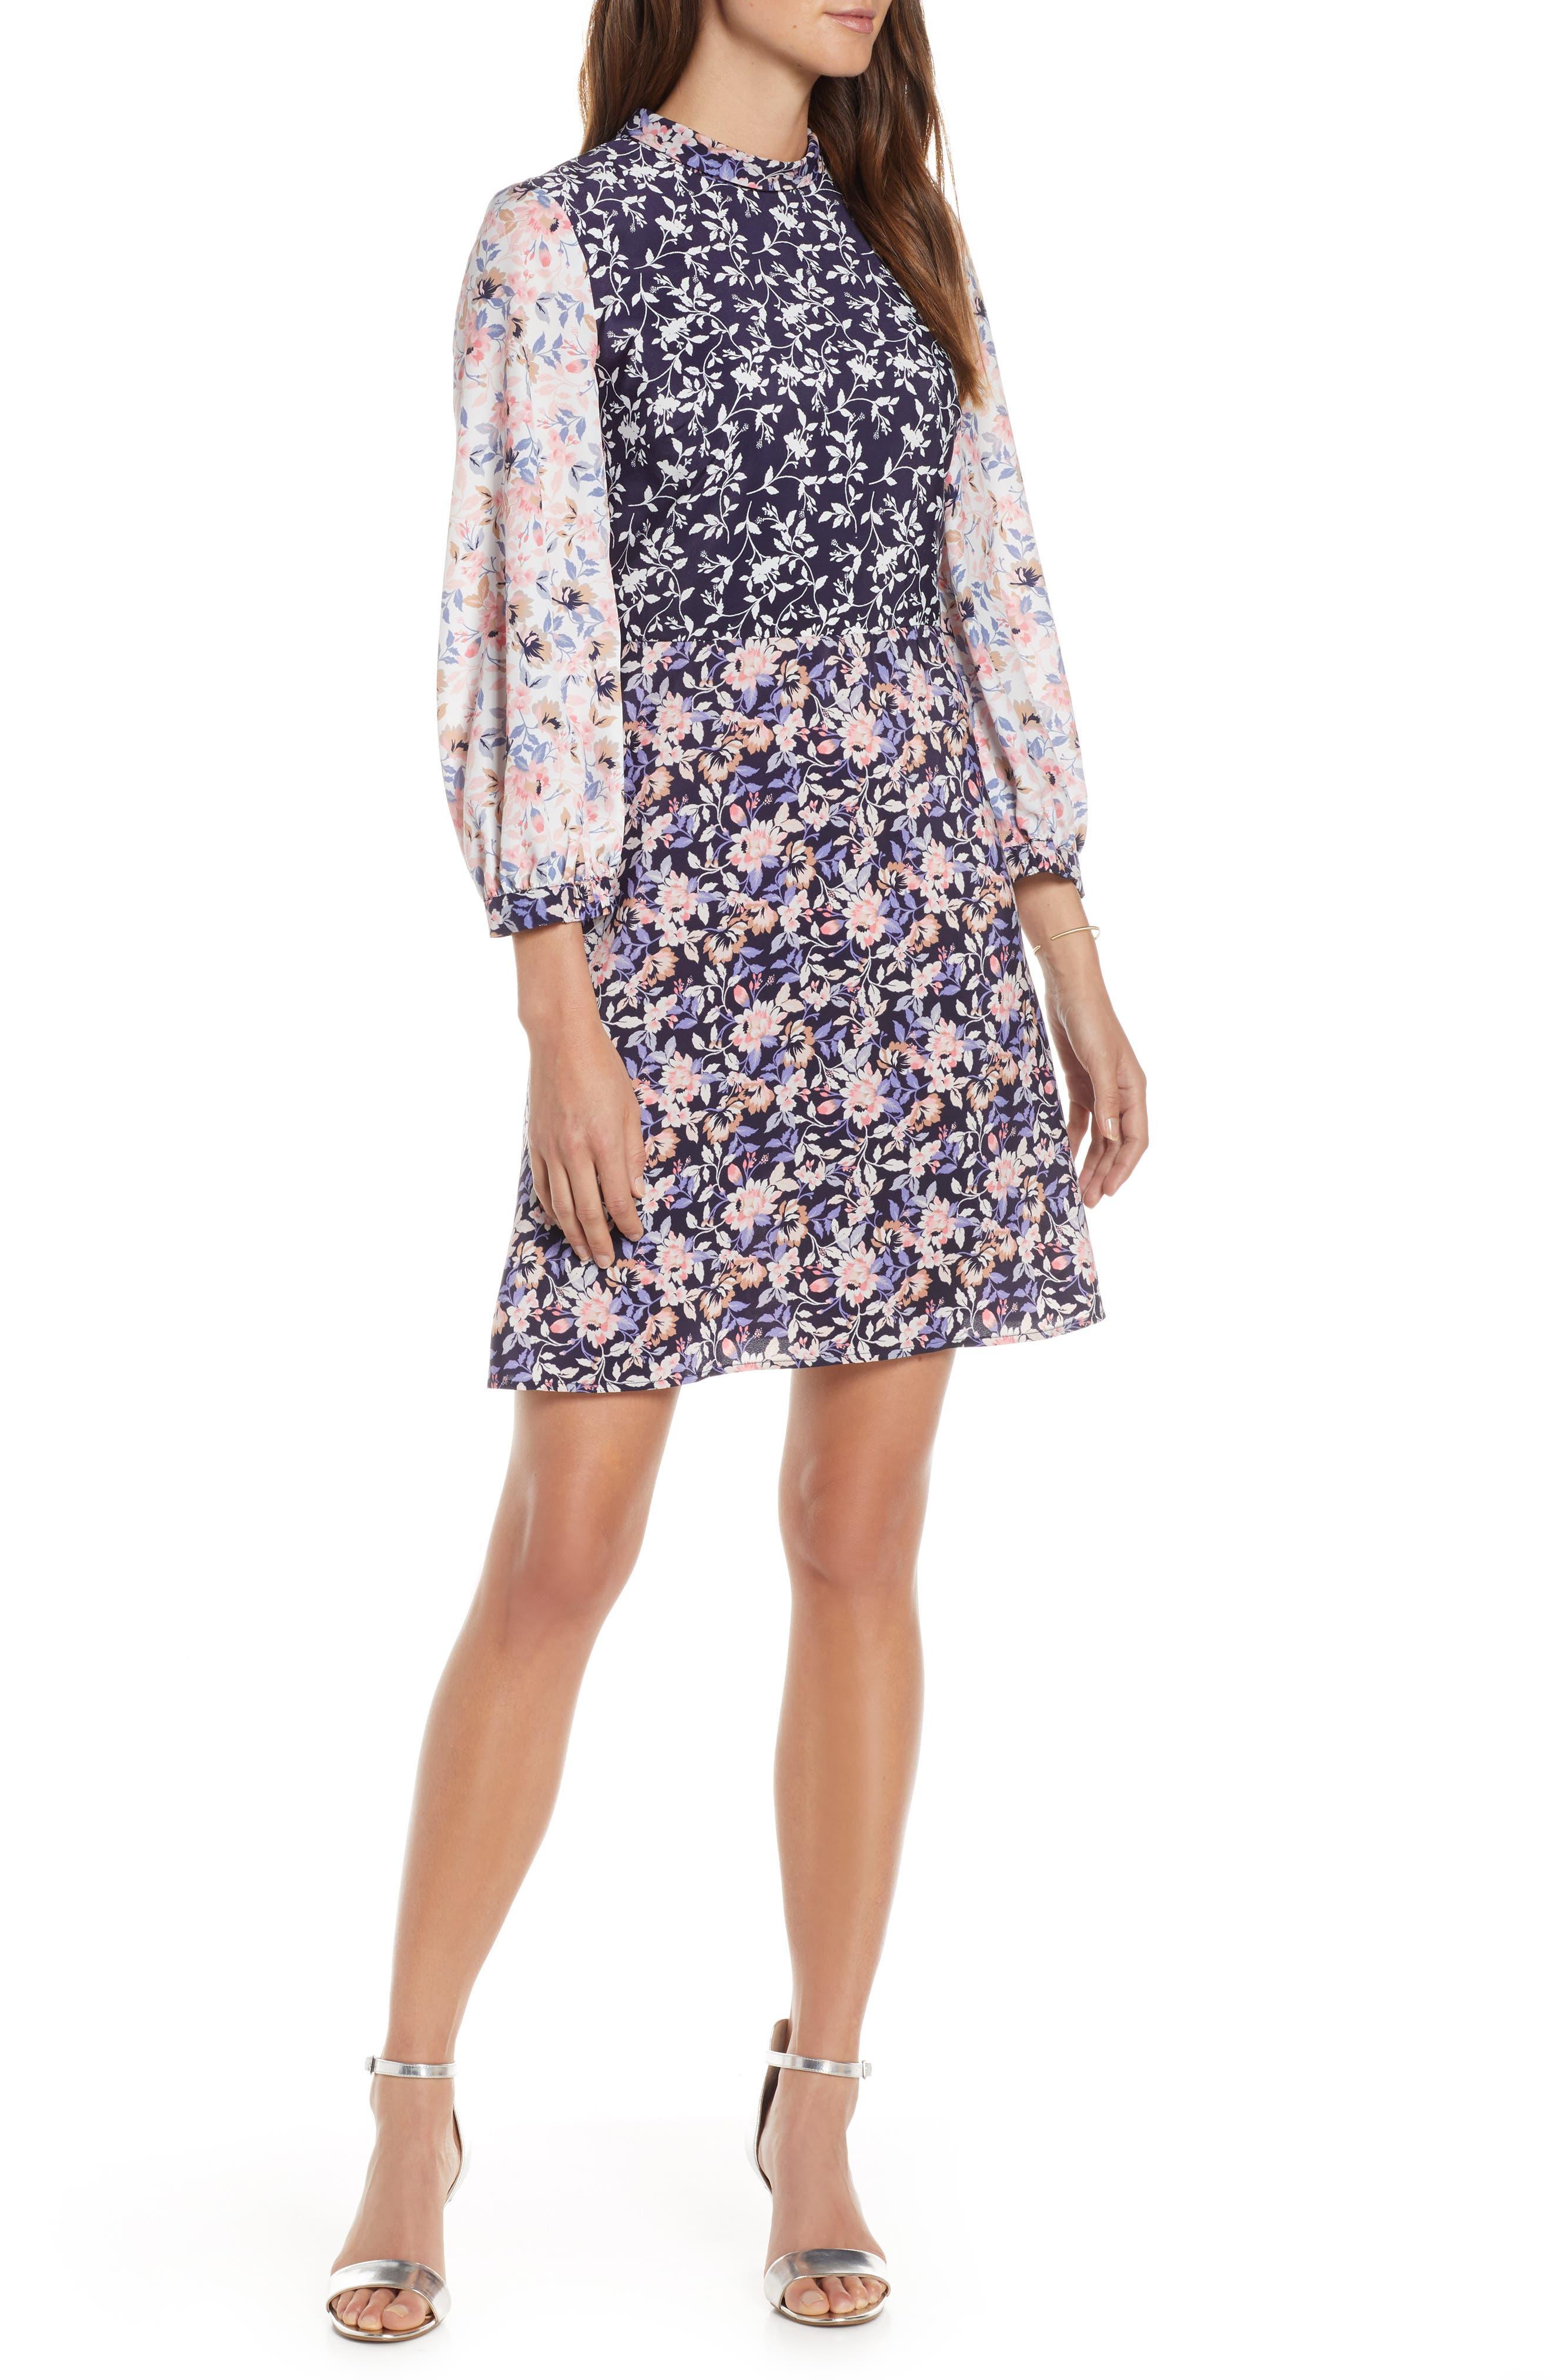 67394c045e249 floral dress